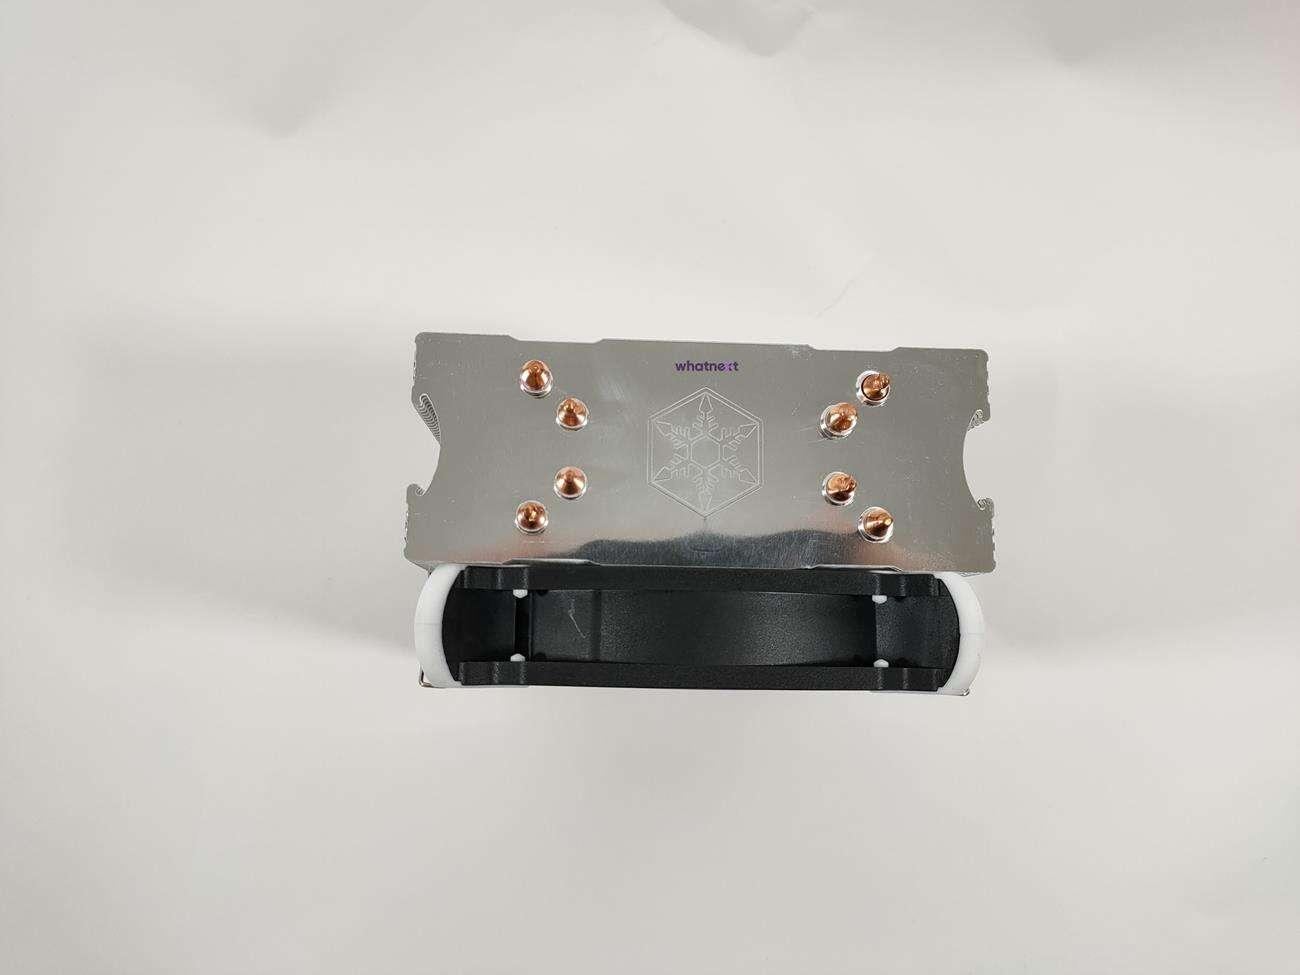 test SilverStone AR12-RGB, recenzja SilverStone AR12-RGB, review SilverStone AR12-RGB, opinia SilverStone AR12-RGB